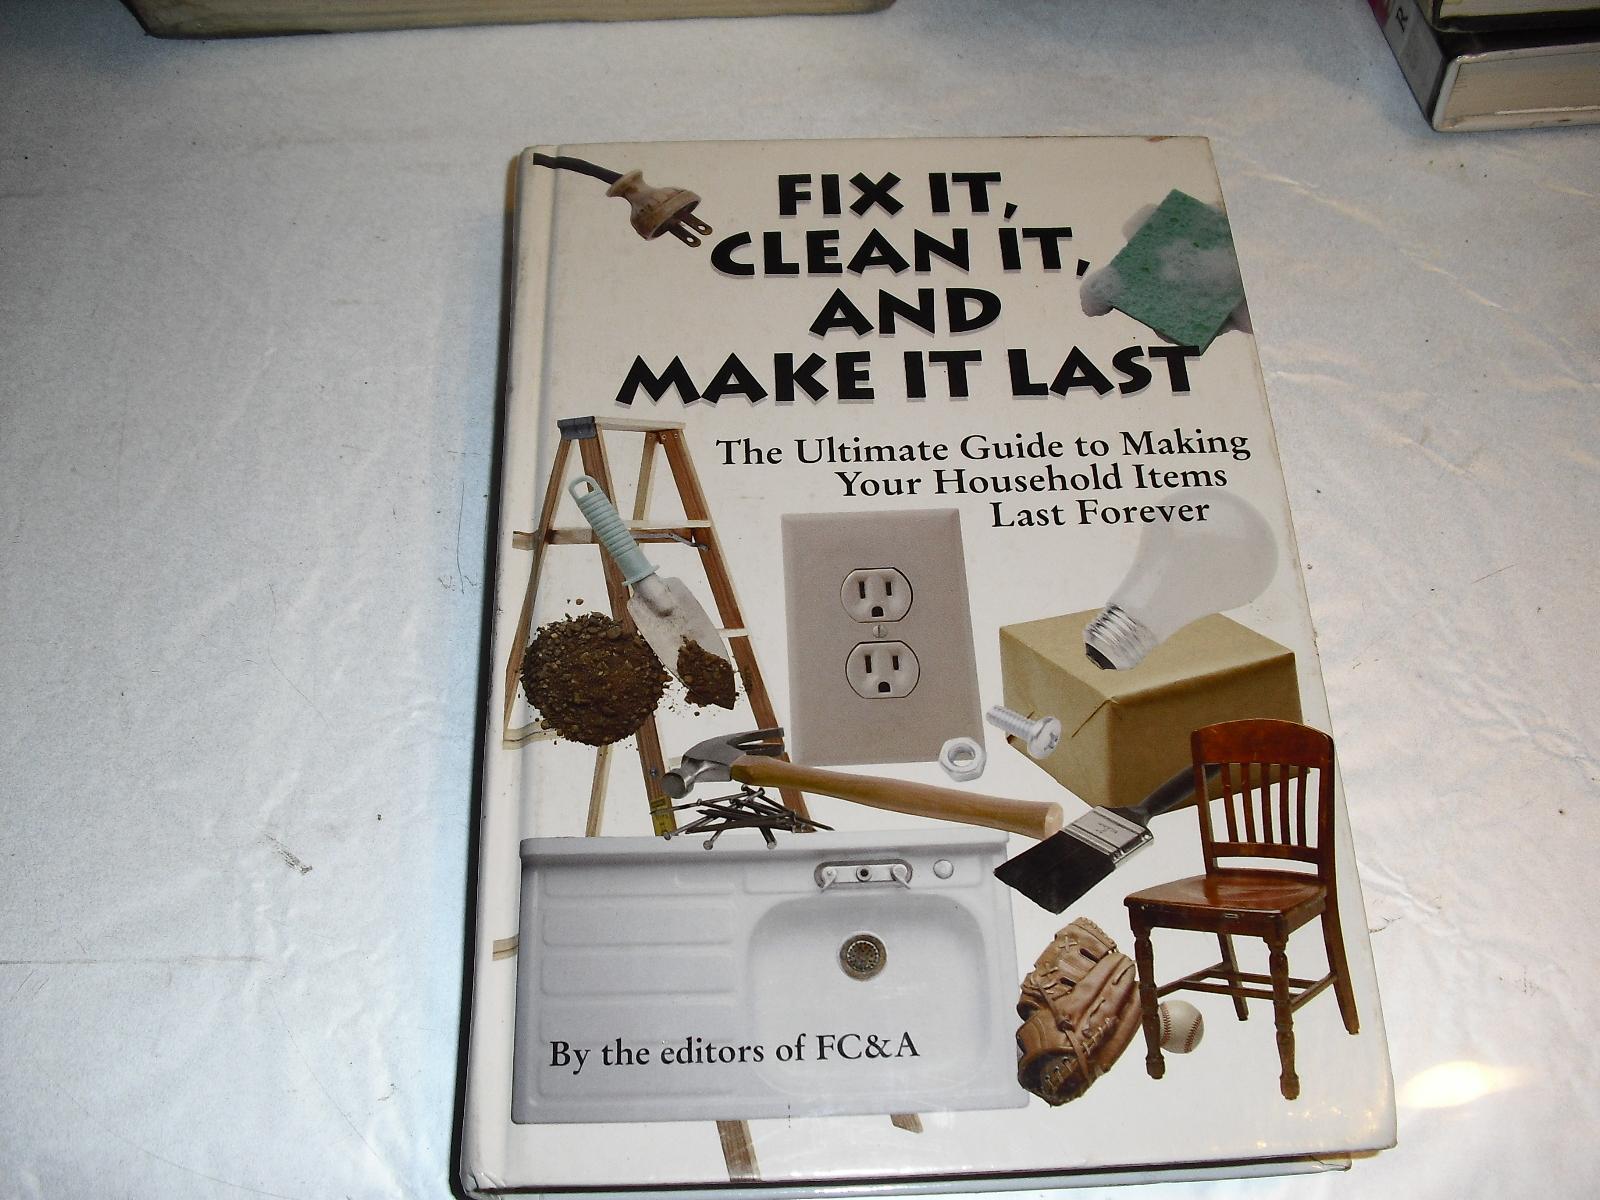 fix it  clean it and  make  it  last